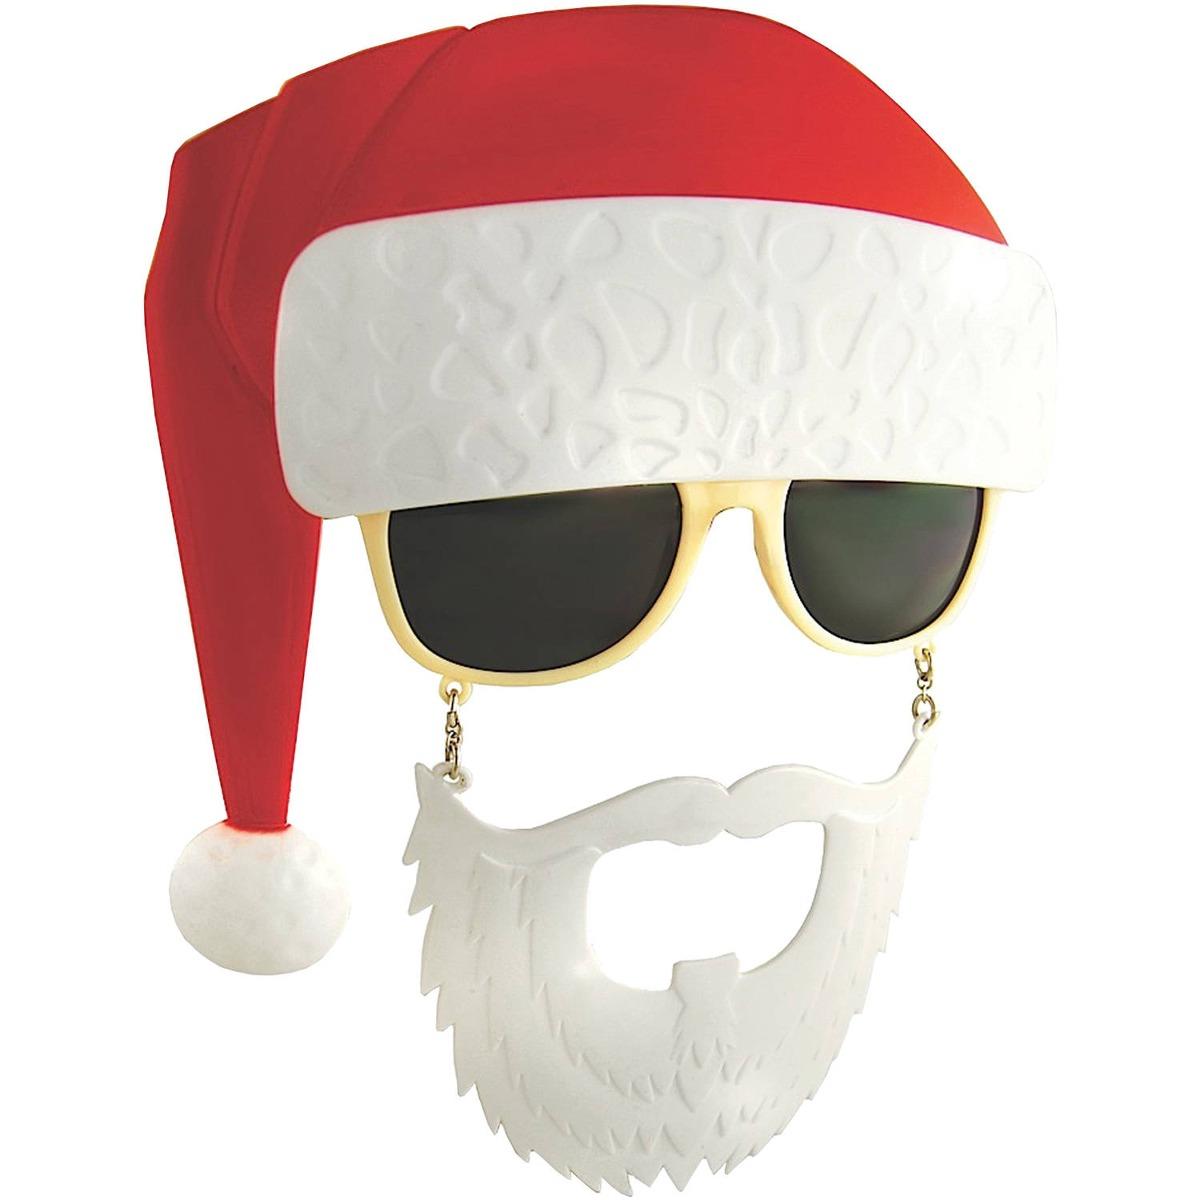 Gorro Con Gafas De Sol Y Barba De Santa Claus Para Hombre ...